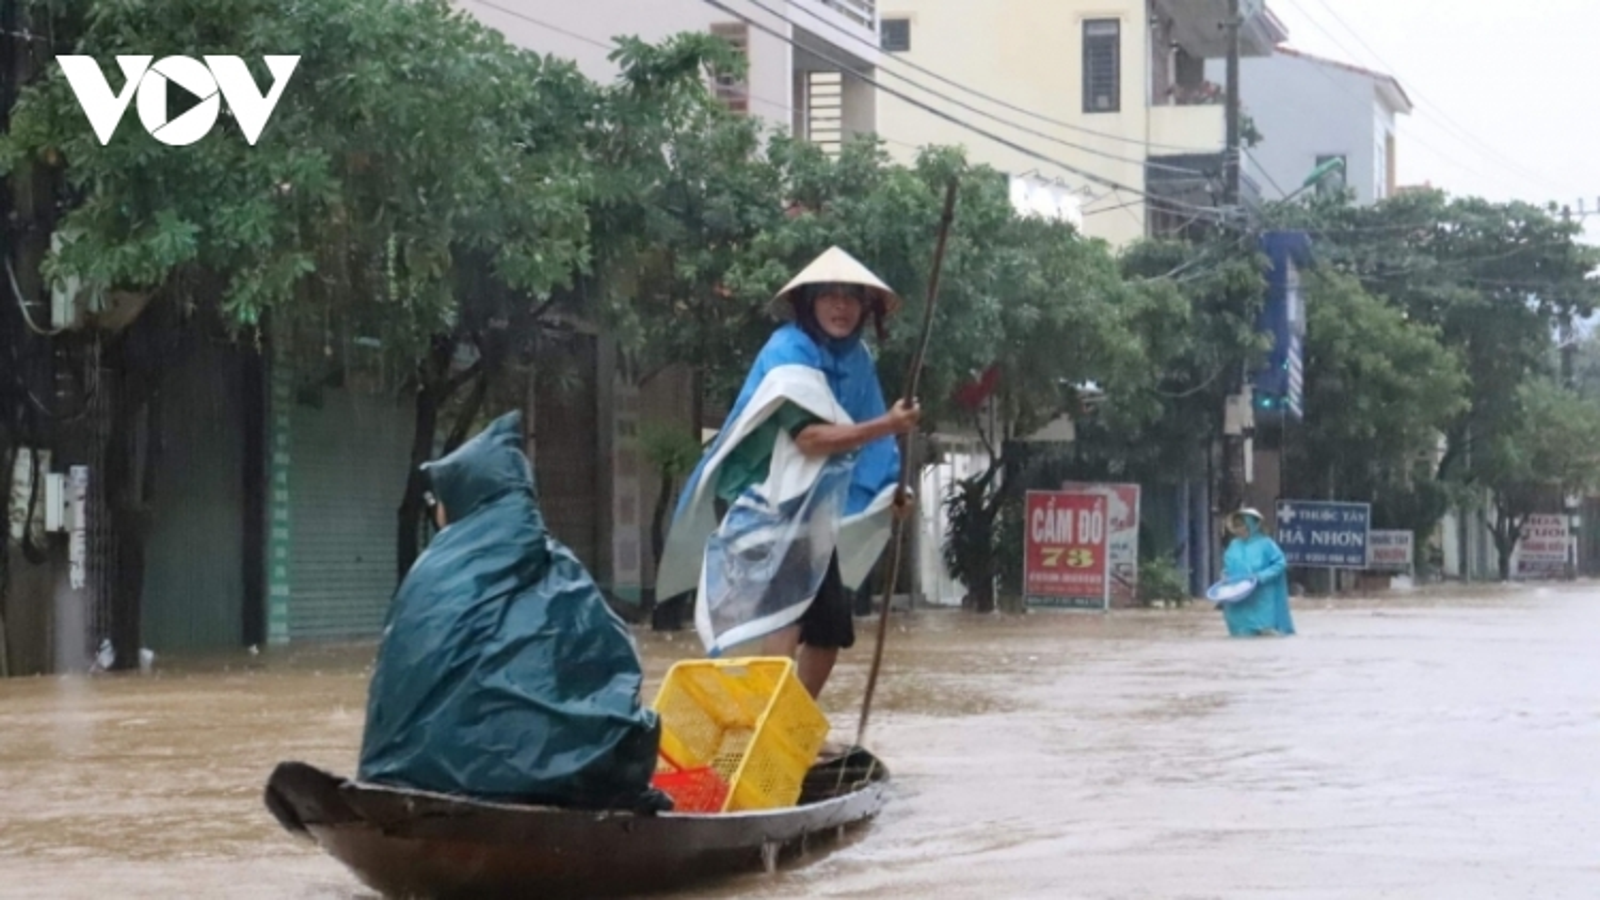 Nước lũở Quảng Bình lên nhanh, phố biến thành sông, người dân chèo ghe trên đường